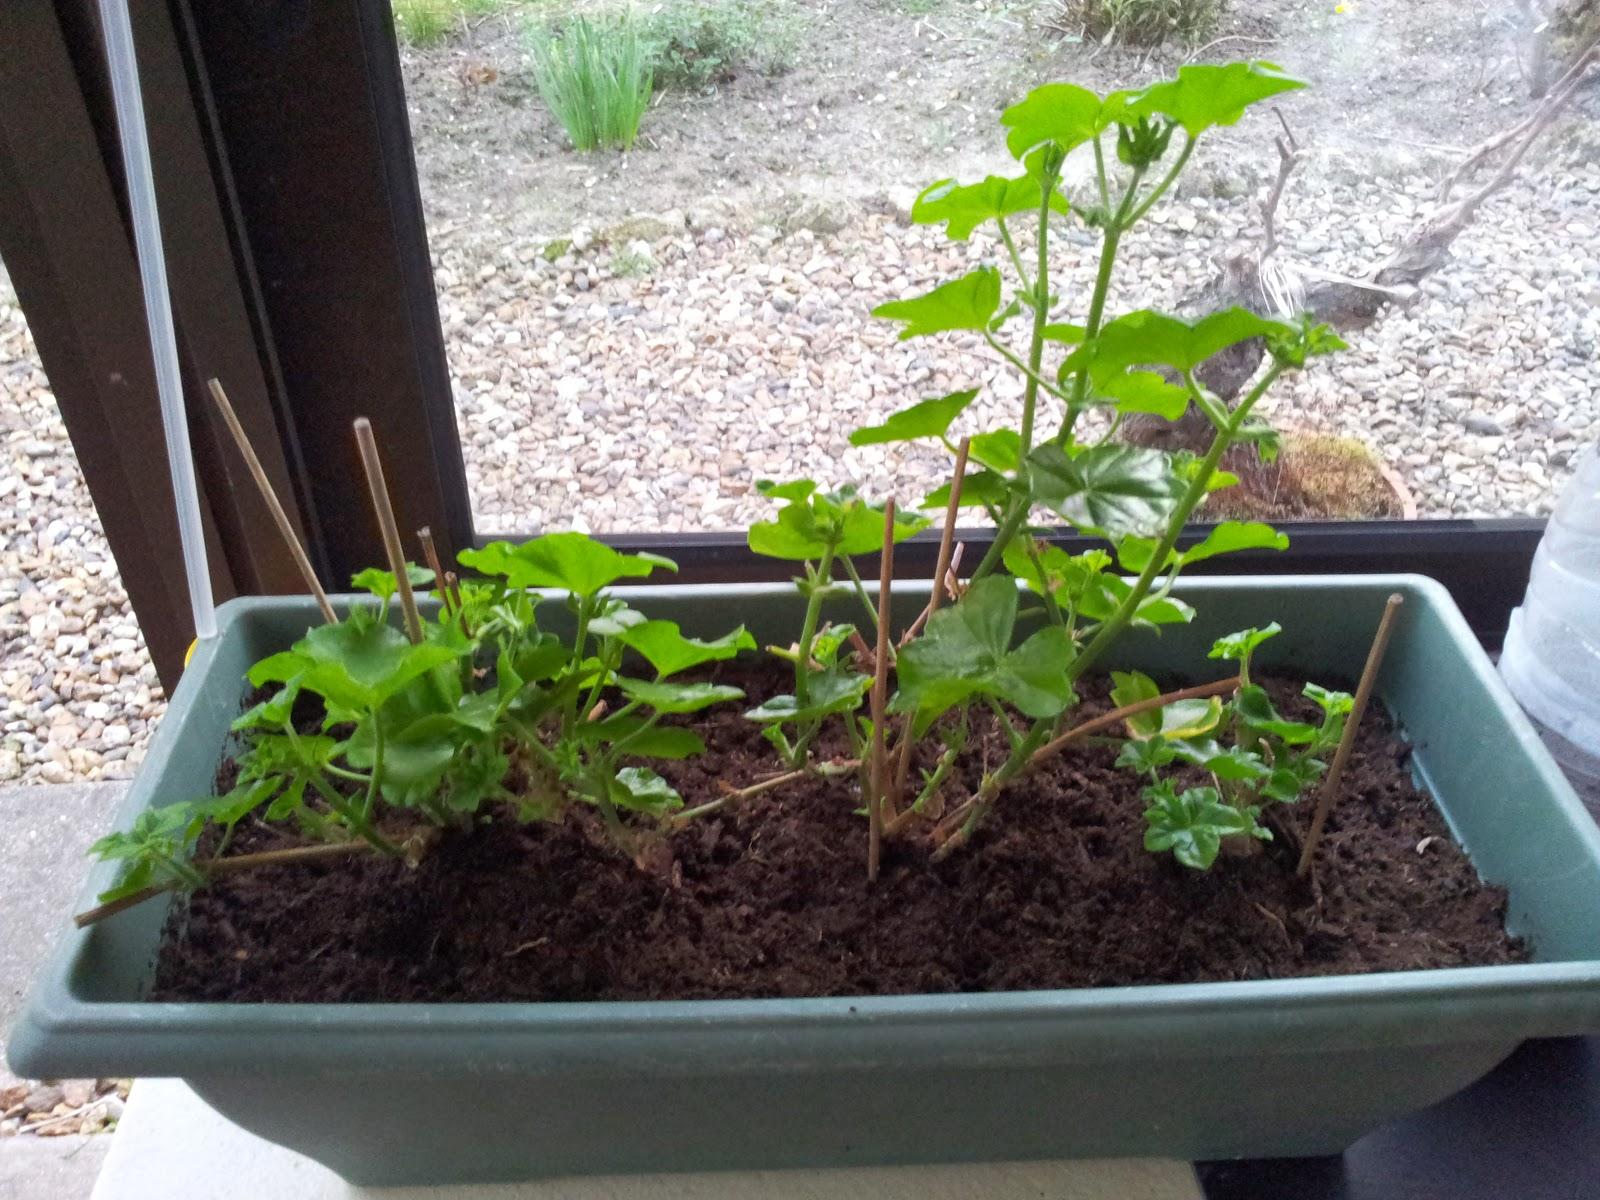 Veranda Bois En Kit Leroy Merlin - veranda kit leroy merlin 28 images revger veranda leroy merlin id 233 e inspirante pour la